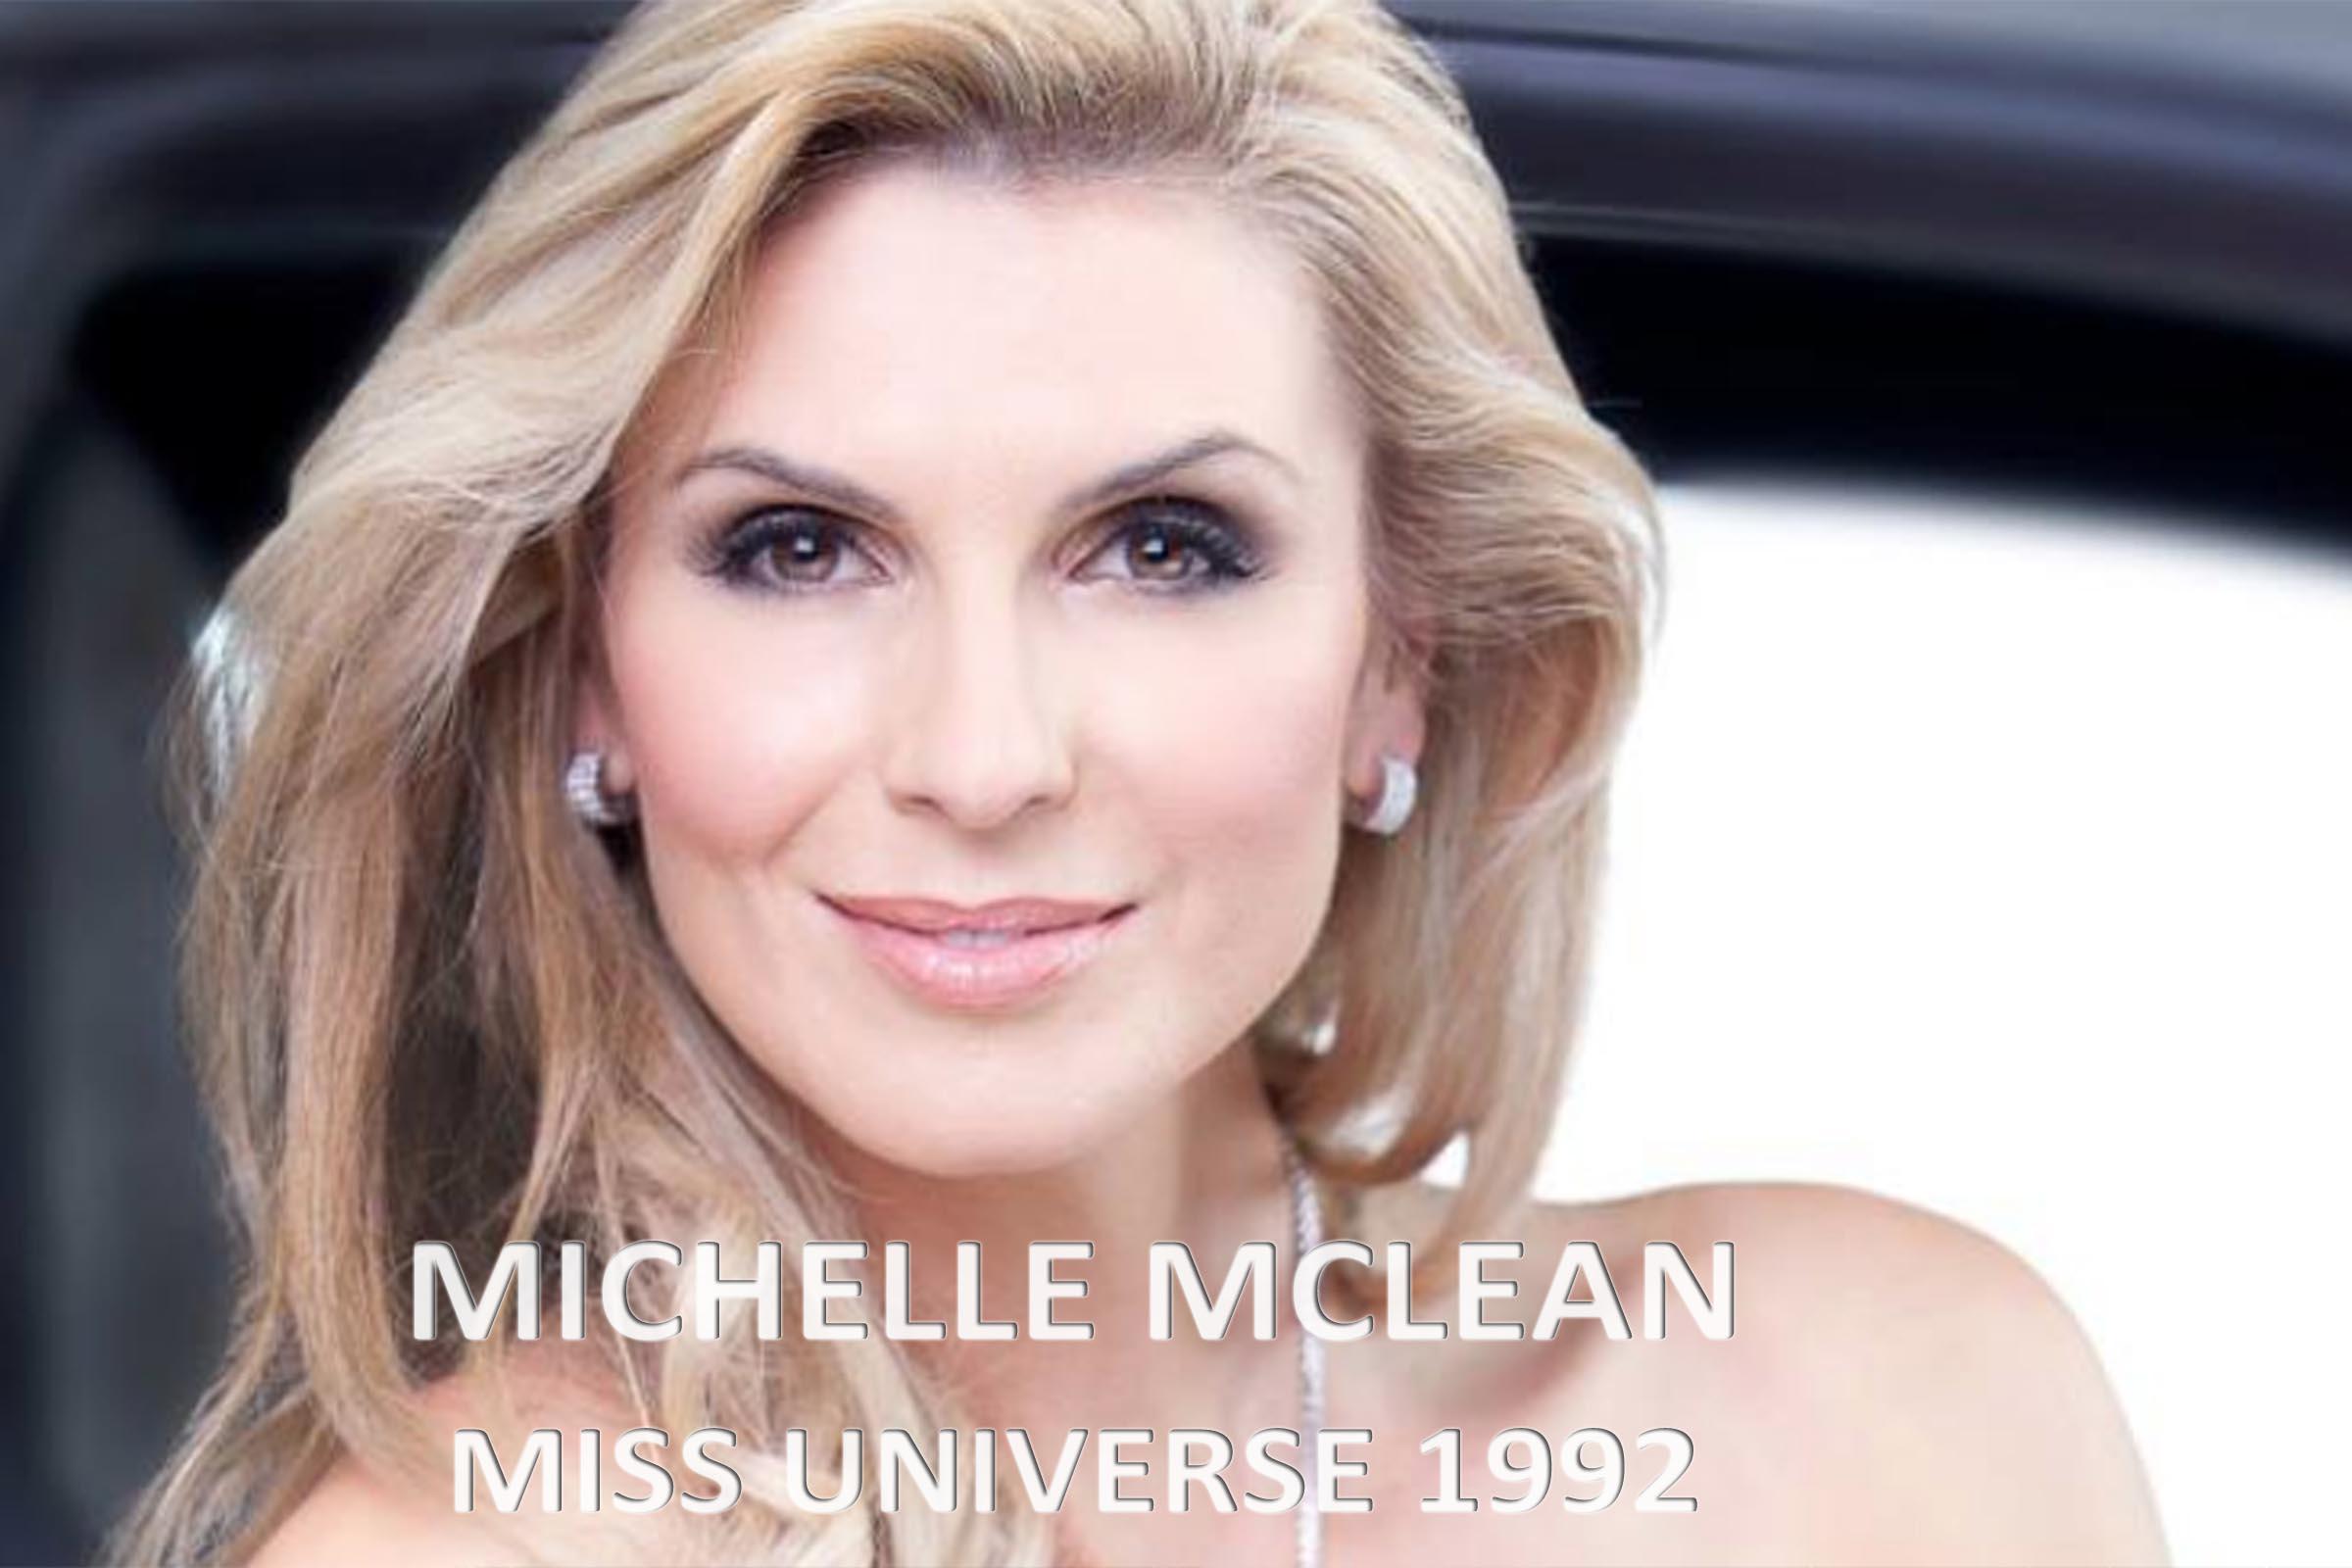 MICHELLE MCLEAN SITE